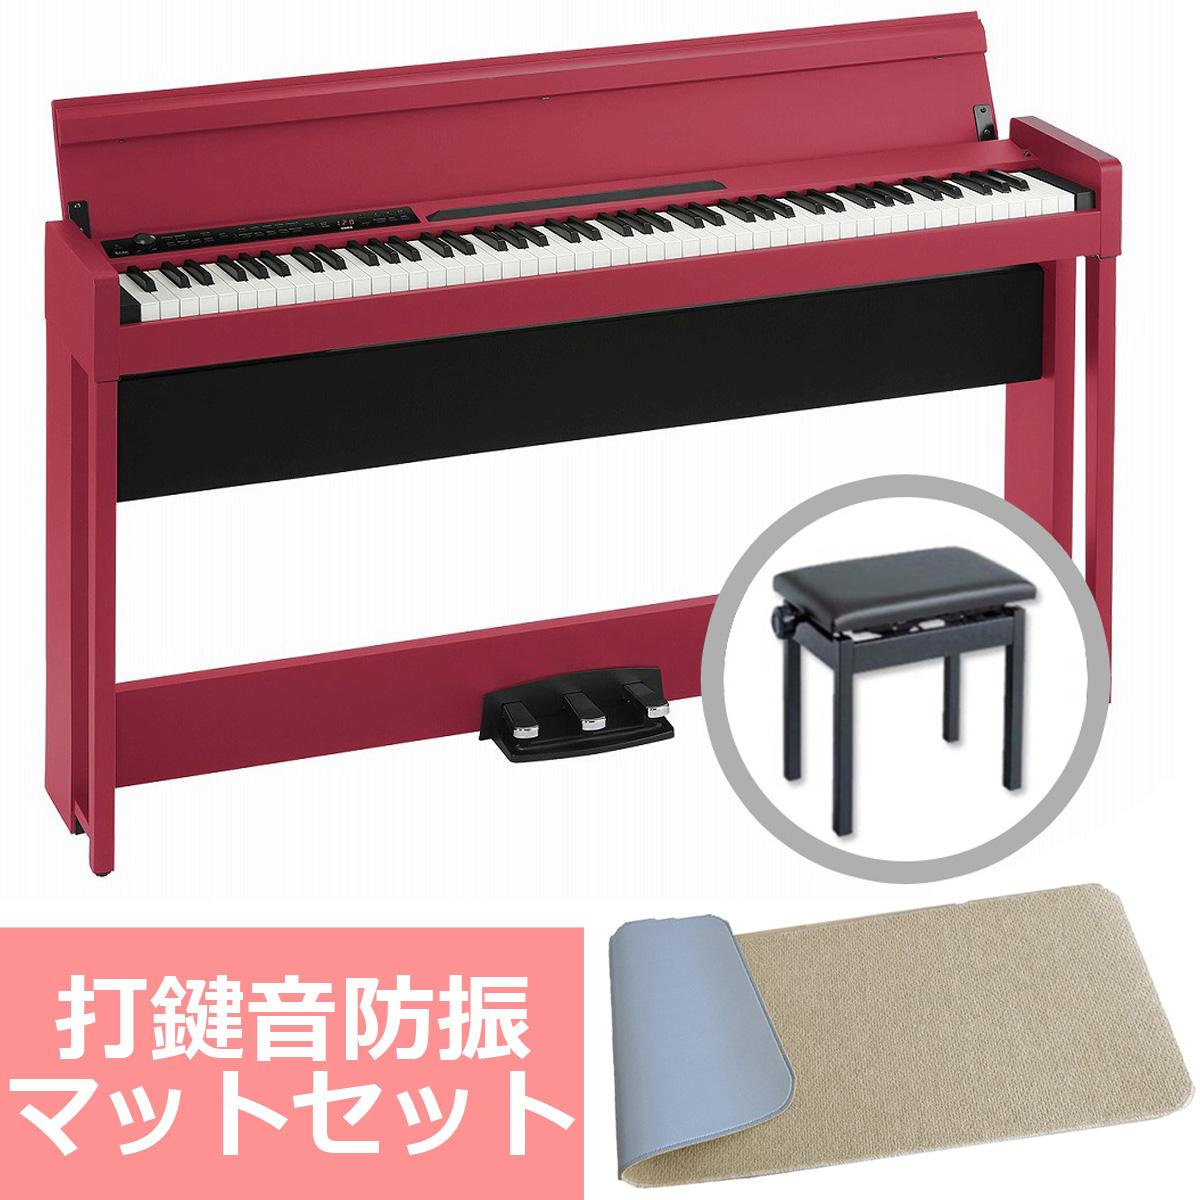 KORG コルグ / C1 Air RD (レッド) 【防振マットセット!】デジタル・ピアノ【PNG】【お手入れセットプレゼント:811169500】